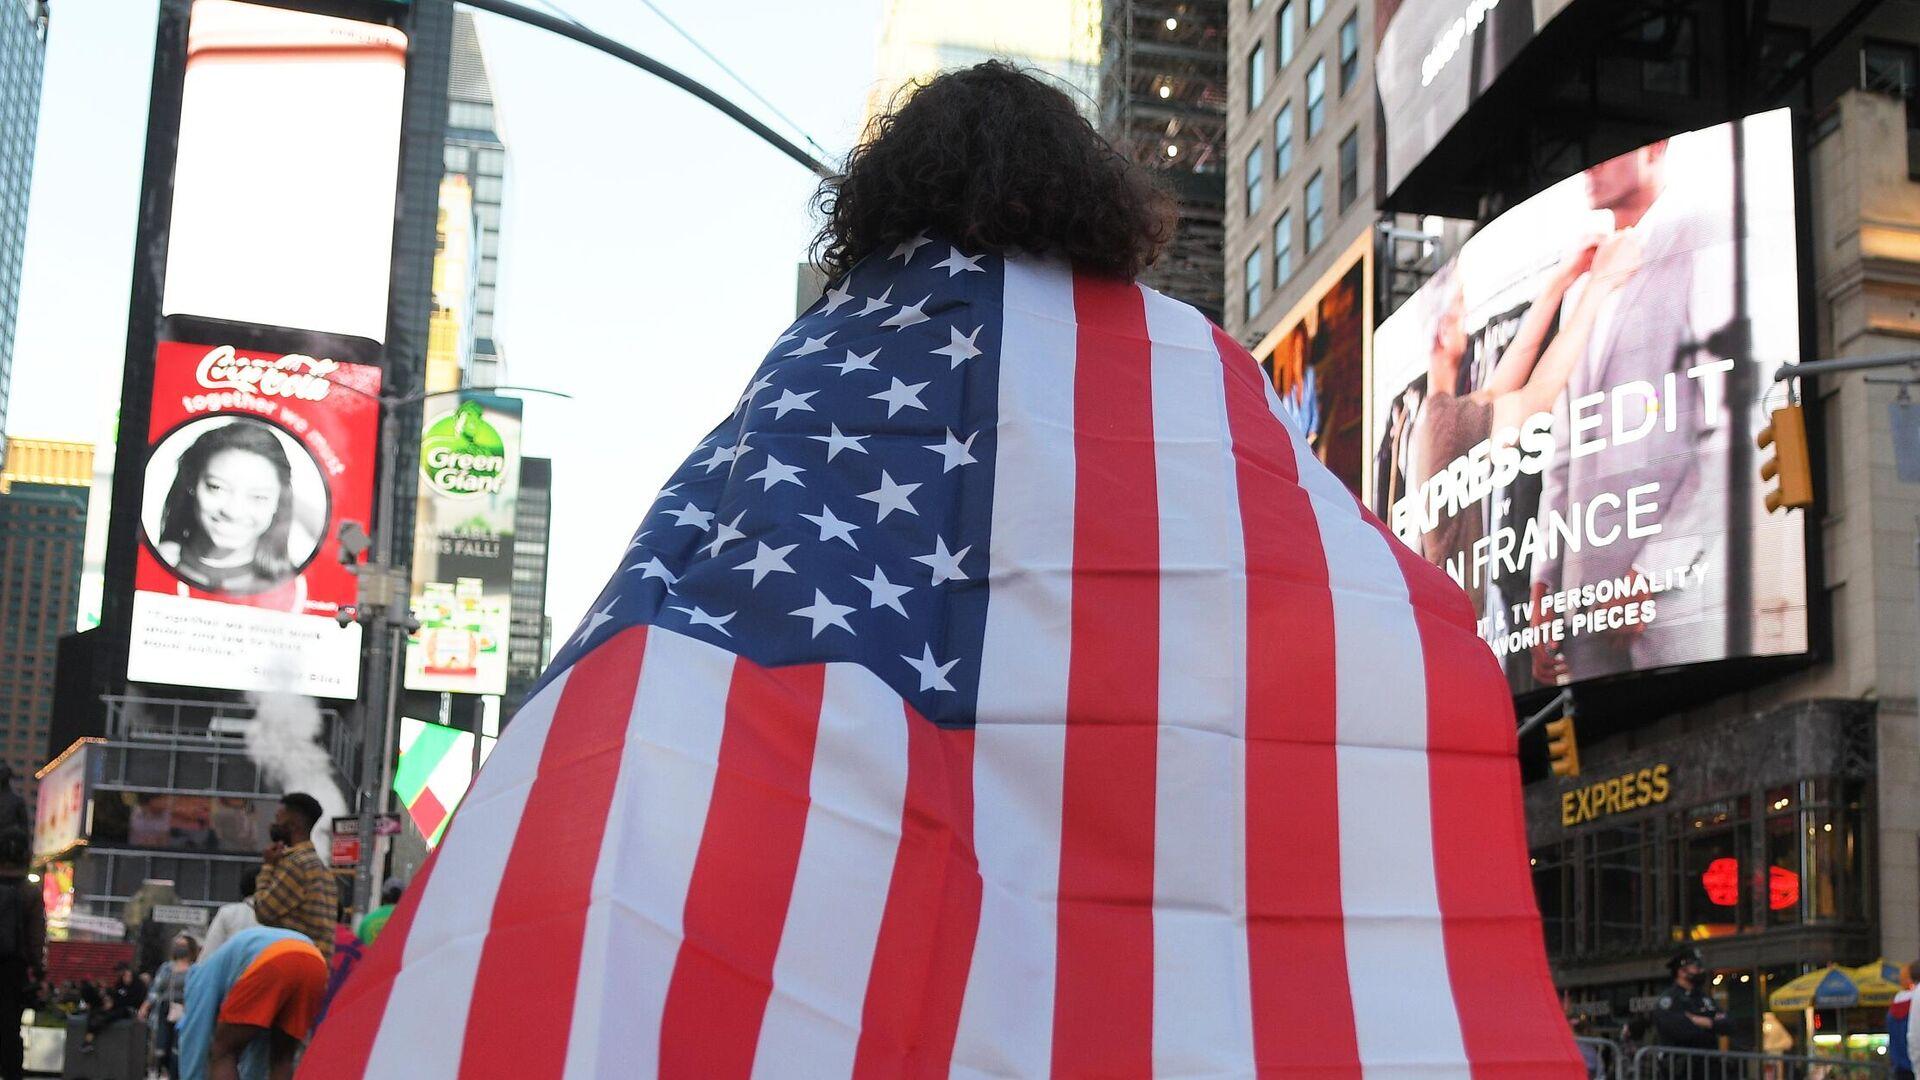 Люди на одной из улиц в Нью-Йорке после новостей о победе на выборах президента США кандидата от Демократической партии Джозефа Байдена - РИА Новости, 1920, 07.01.2021